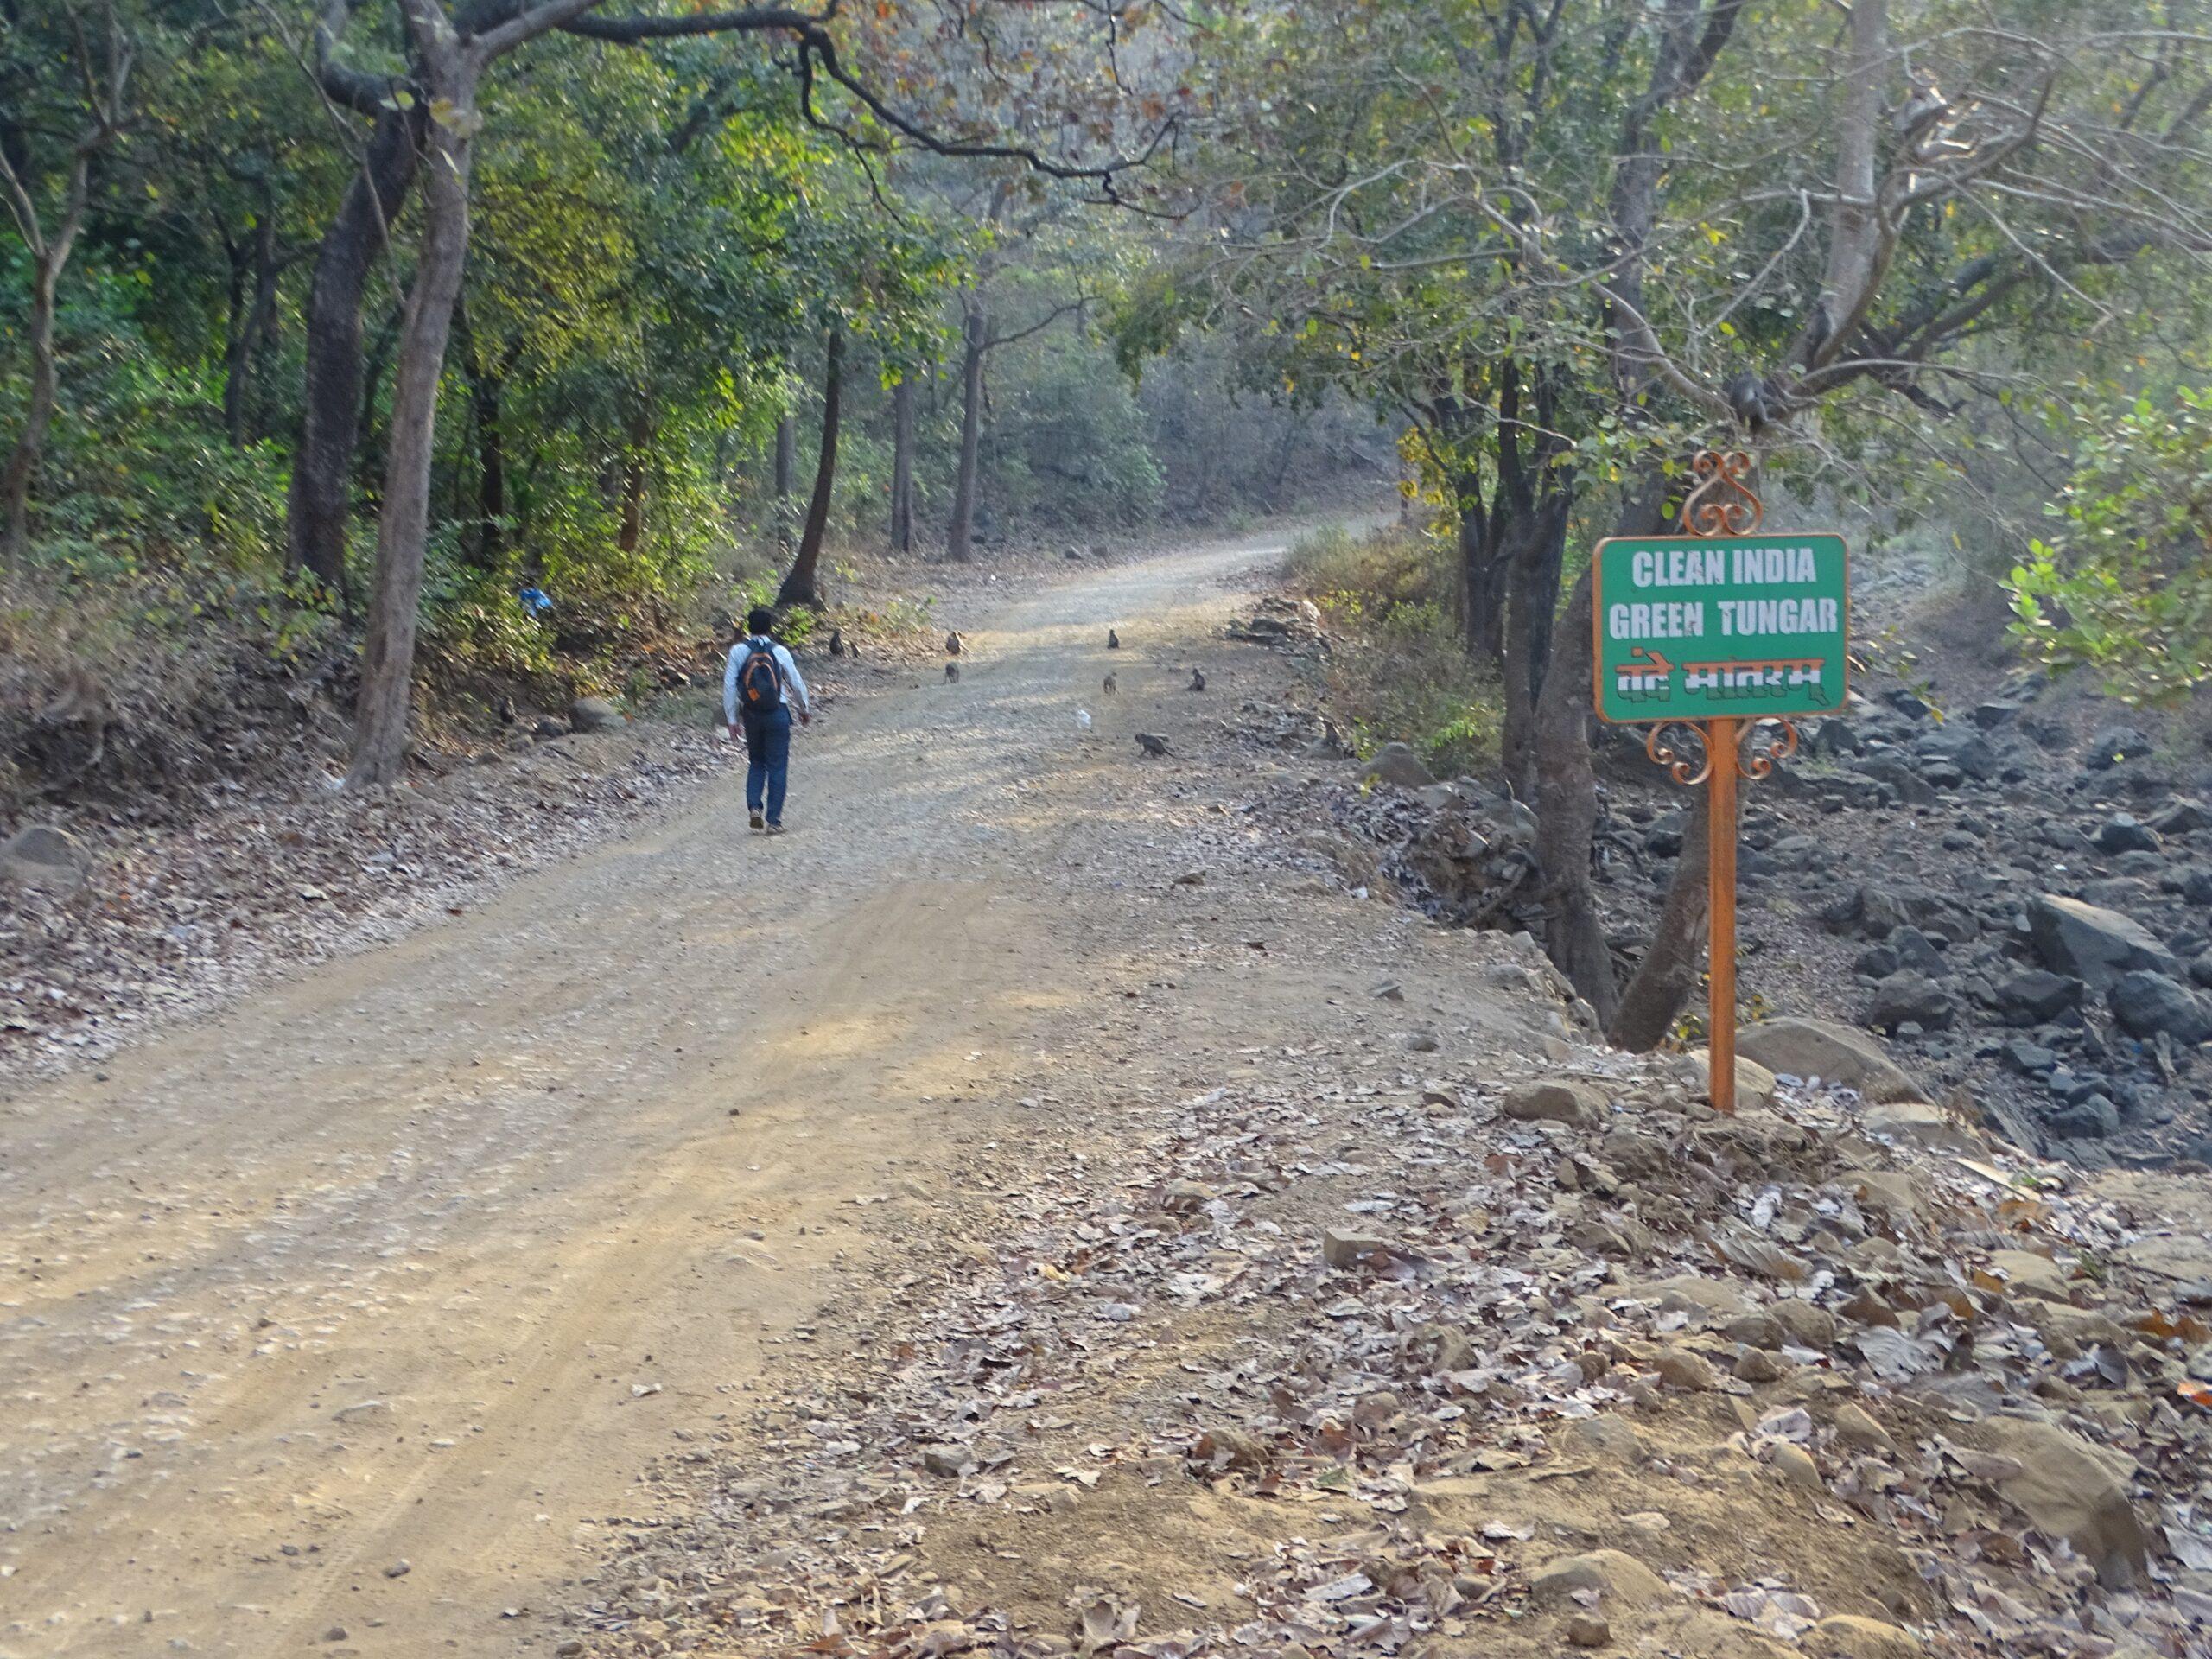 Trekker at Tungareshwar National Park, Vasai East, Palghar, Maharashra, India